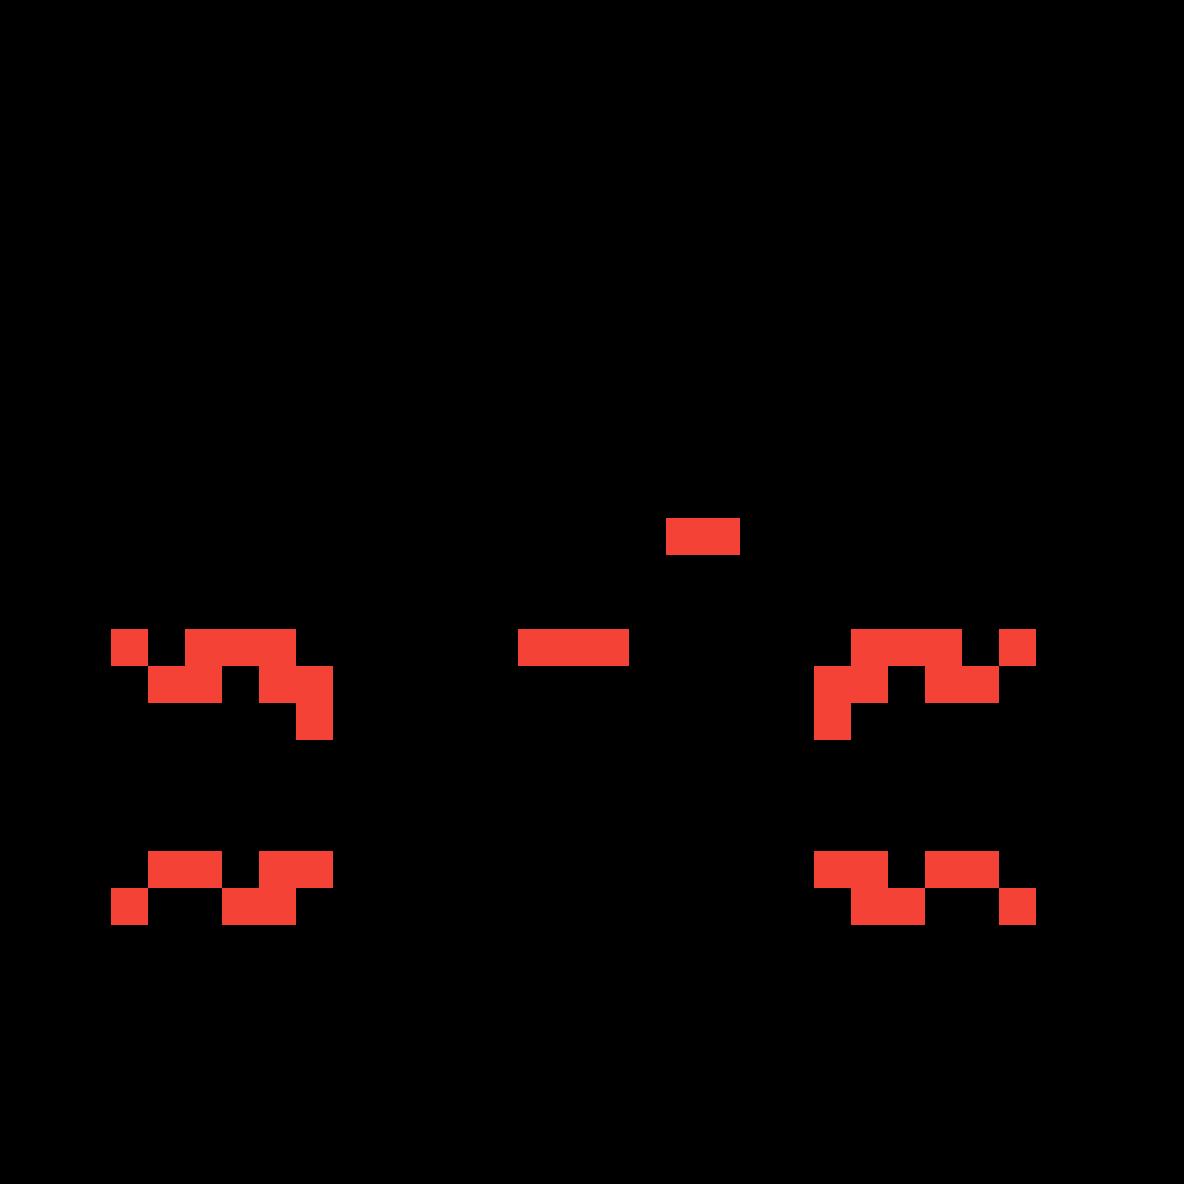 Pixilart - Tokyo Ghoul (Ken Kaneki) by Pixel-Art-Drawe